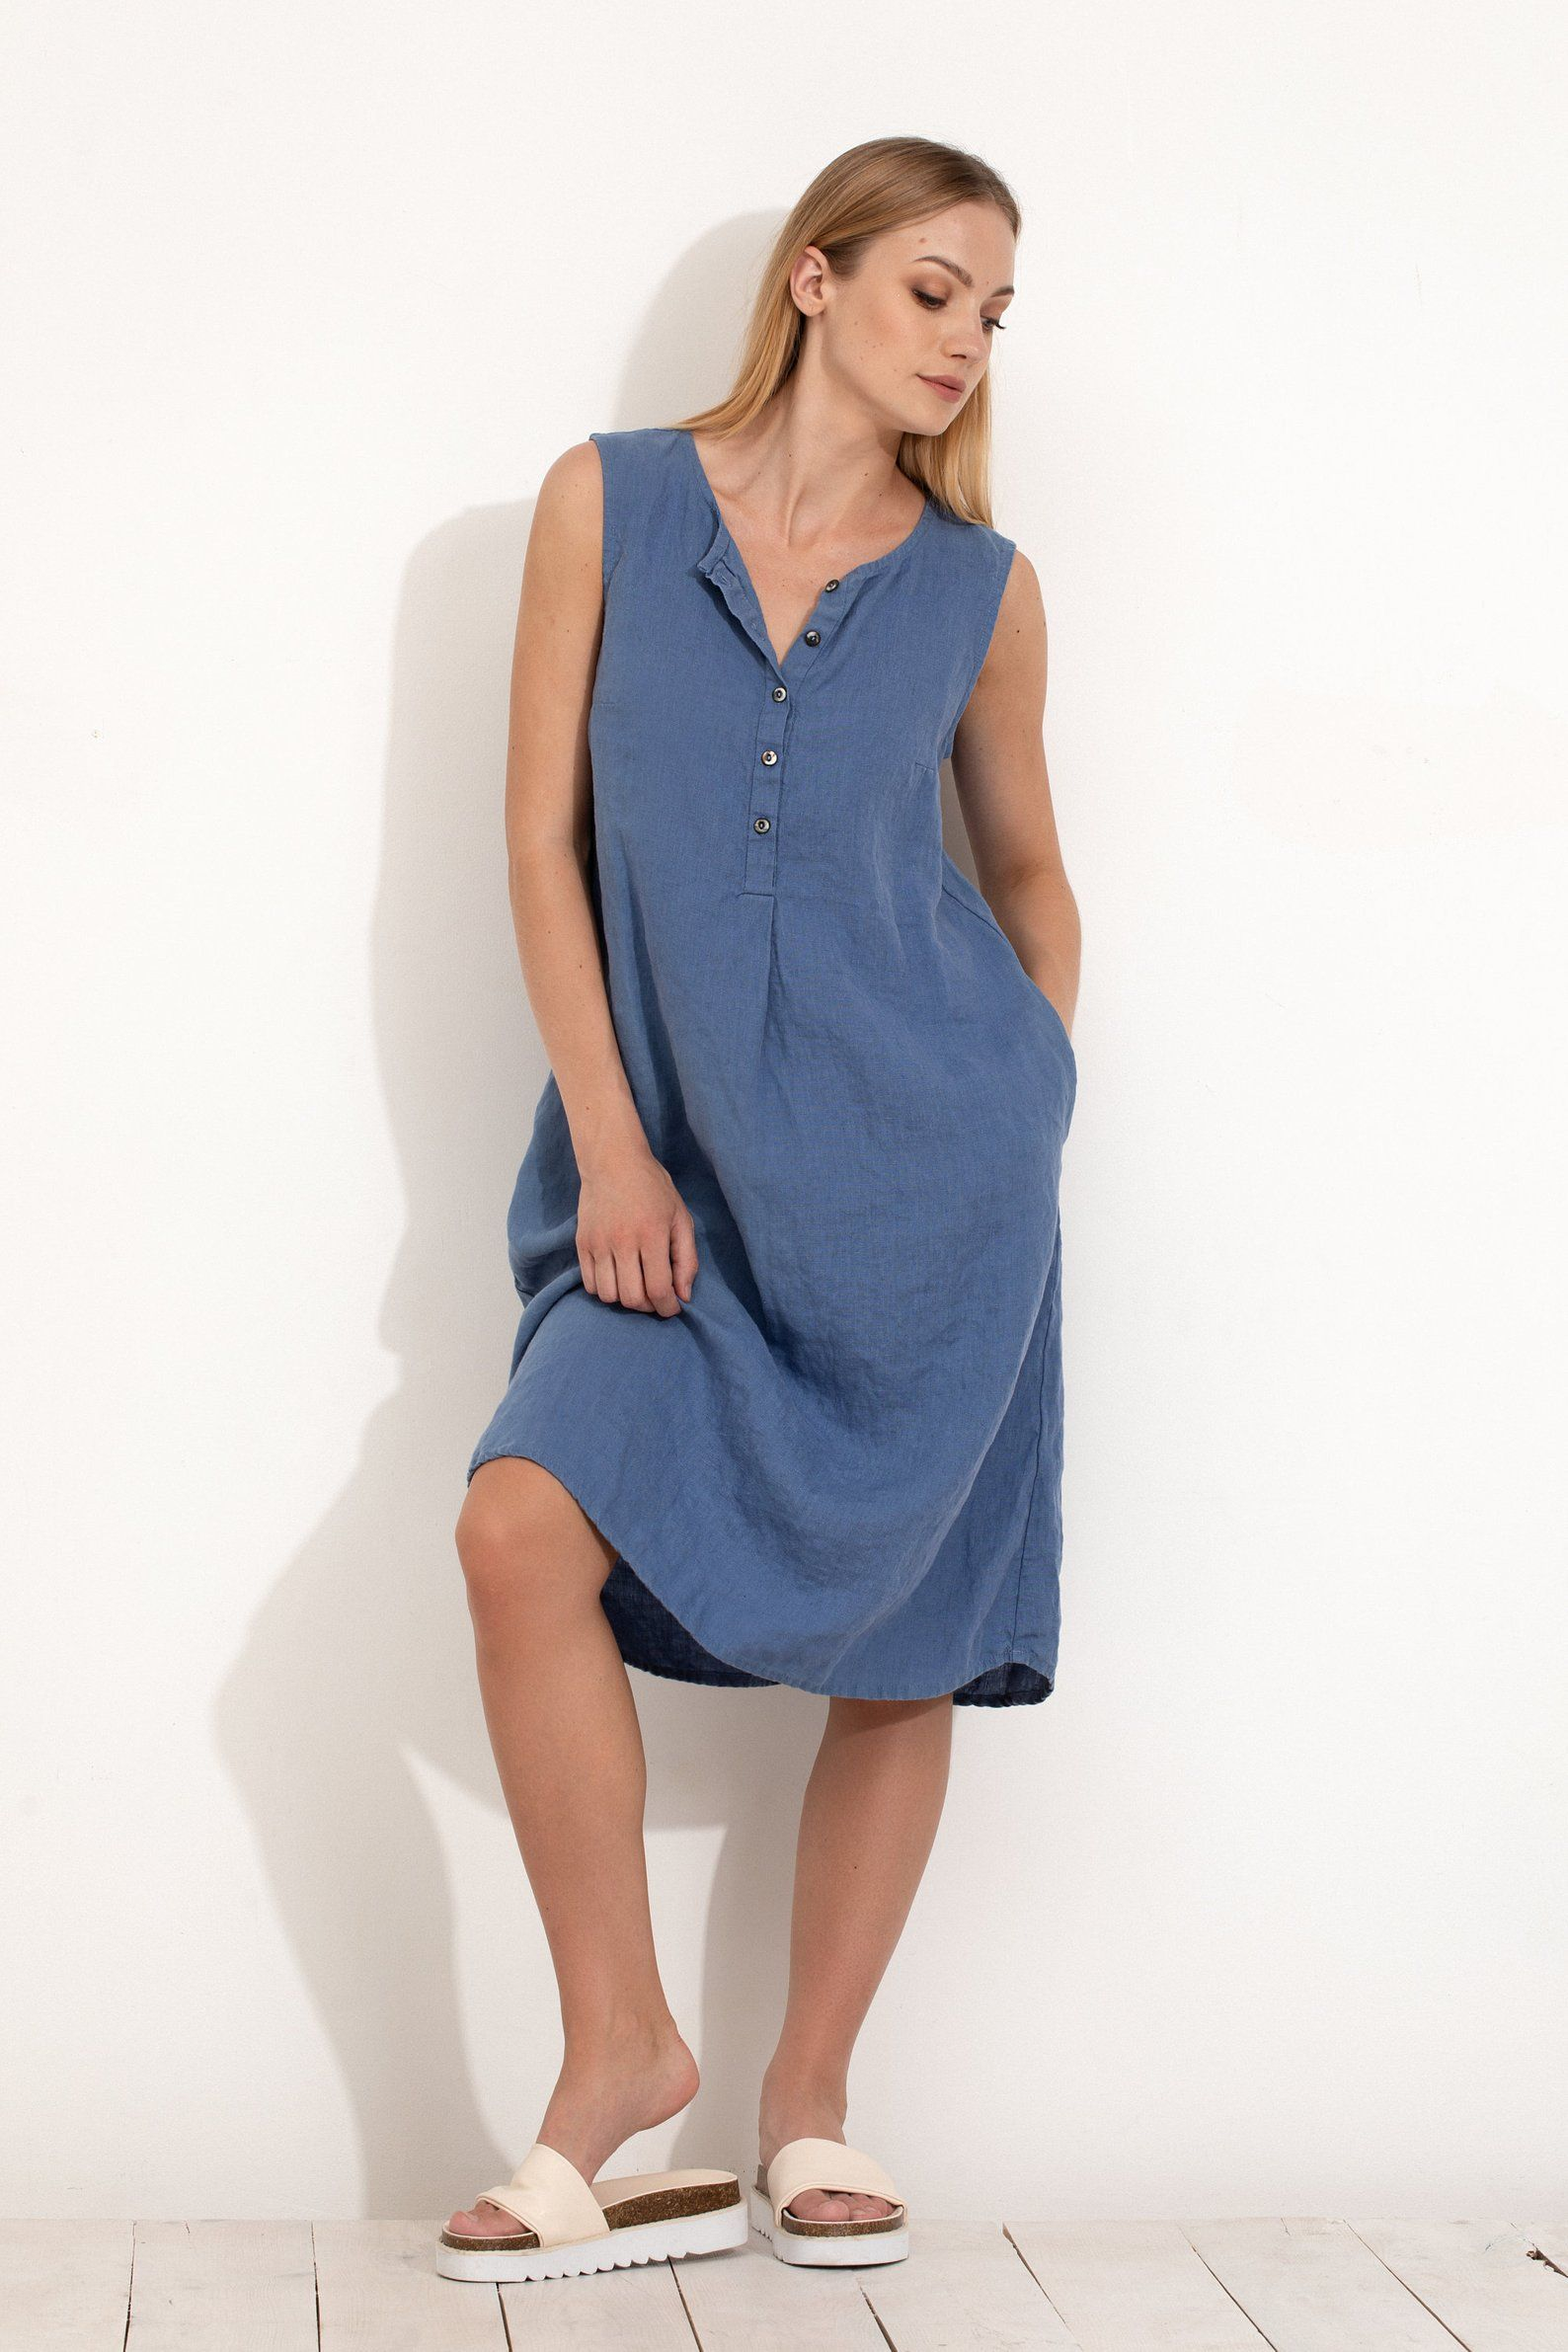 Maxi Jurk Zonder Mouwen.Blue Linen Dress Sleeveless With Buttons Loose Fit Tunic Dress